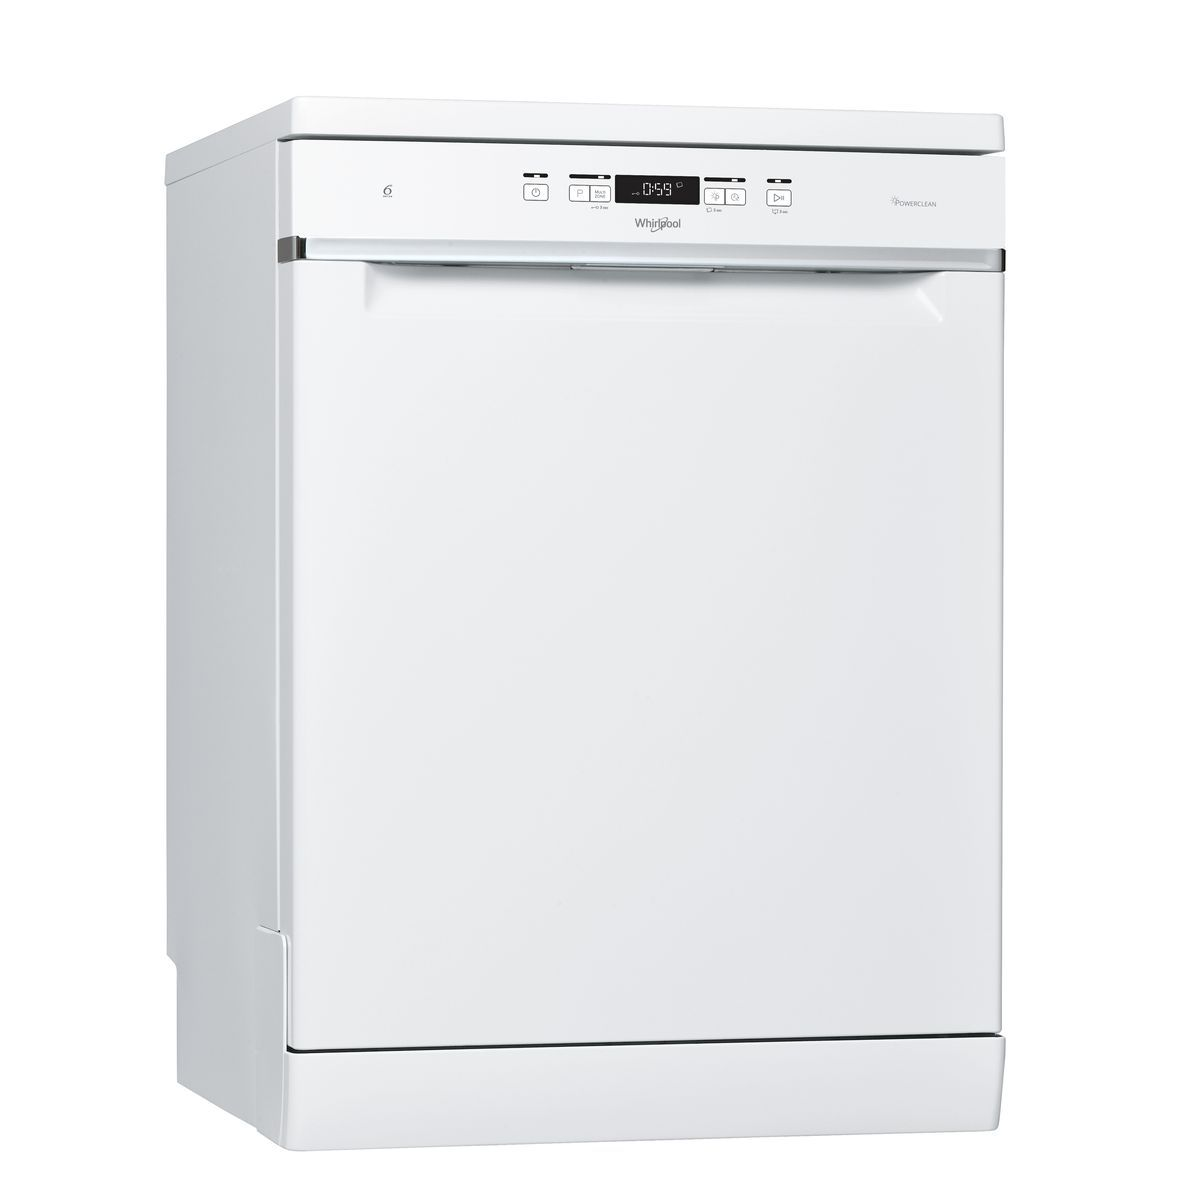 Lave vaisselle pose libre WFC3C33PF, 14 couverts, 60 cm, 42 dB, 8 programmes